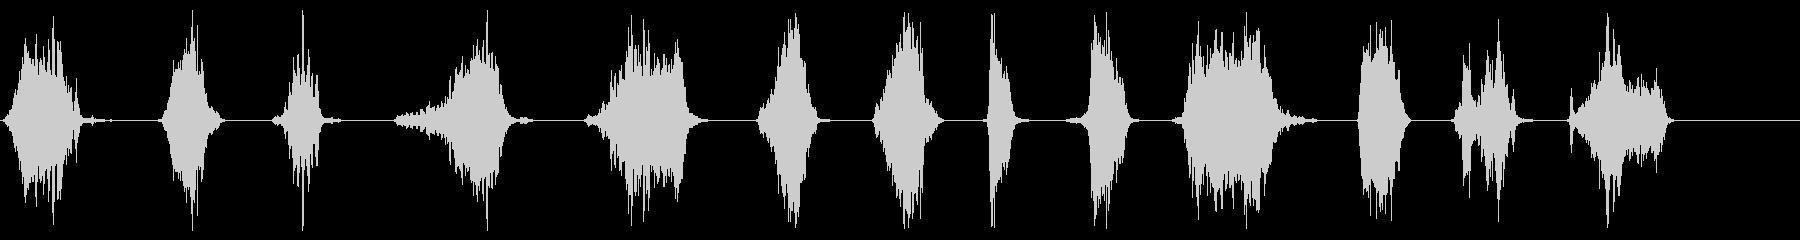 馬-いびきをかくの未再生の波形